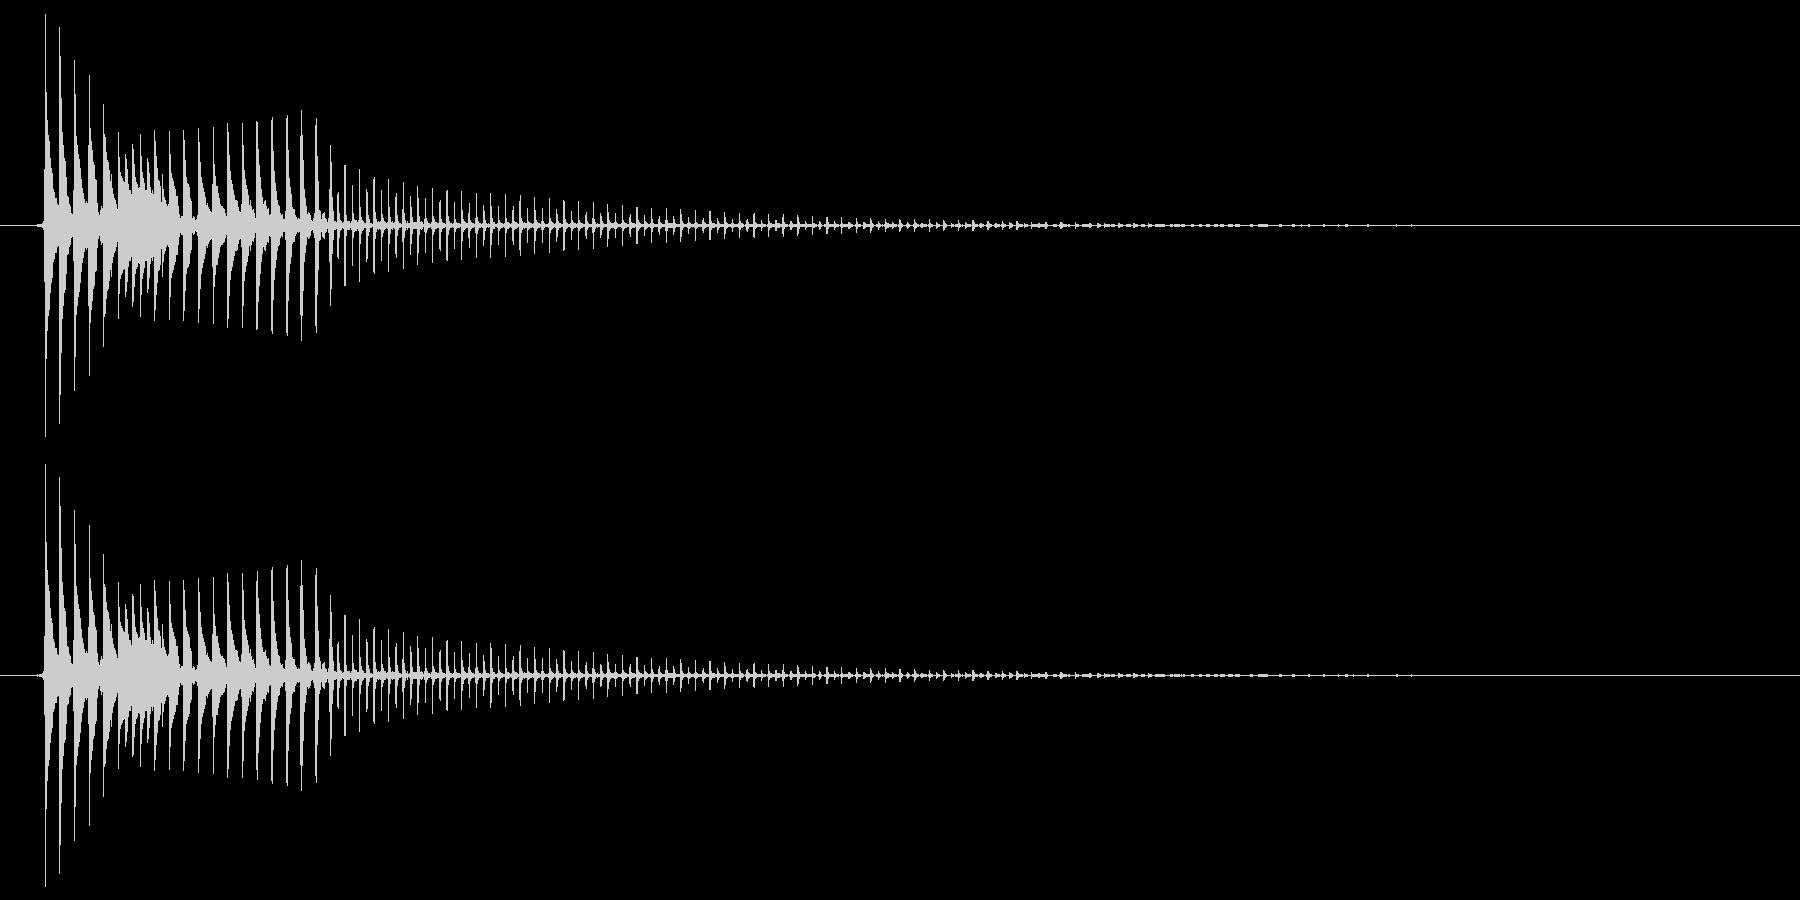 コミカルなジャンプ音 ボイン ビョン2の未再生の波形